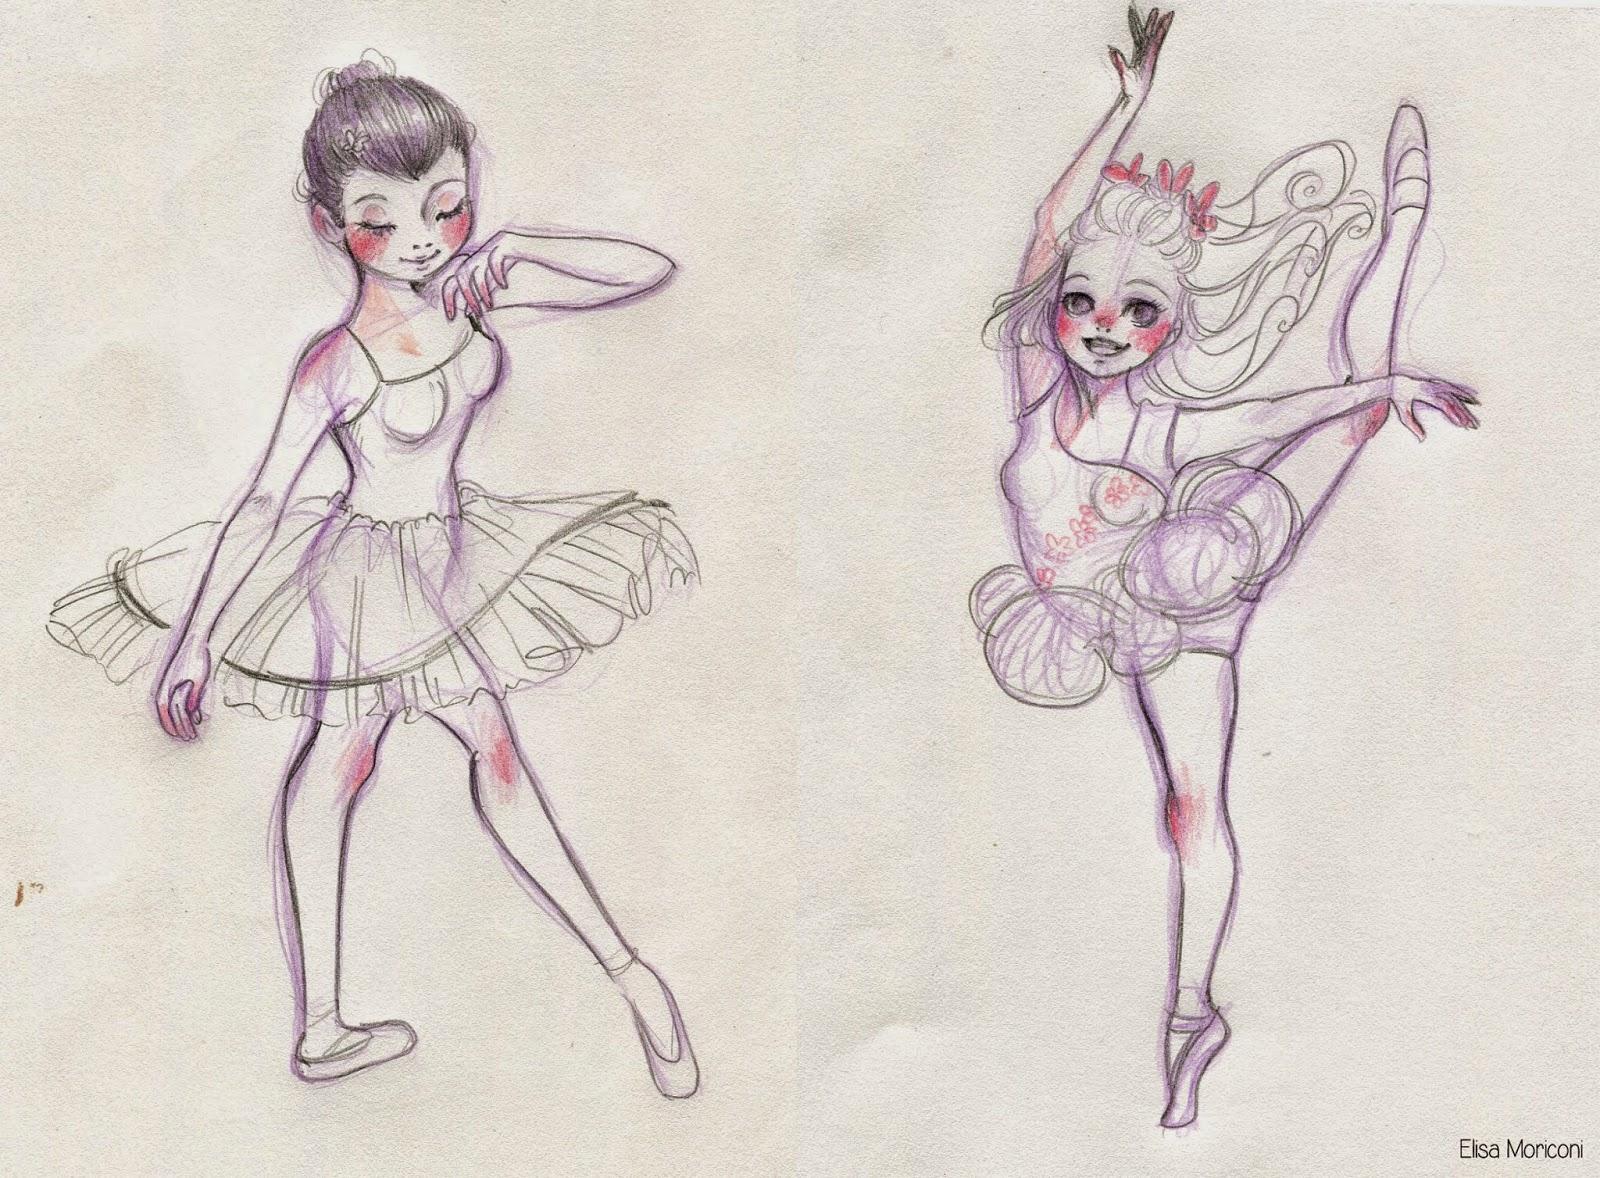 Disegni Di Ballerine Da Disegnare : Vita da illustratore: ballerina